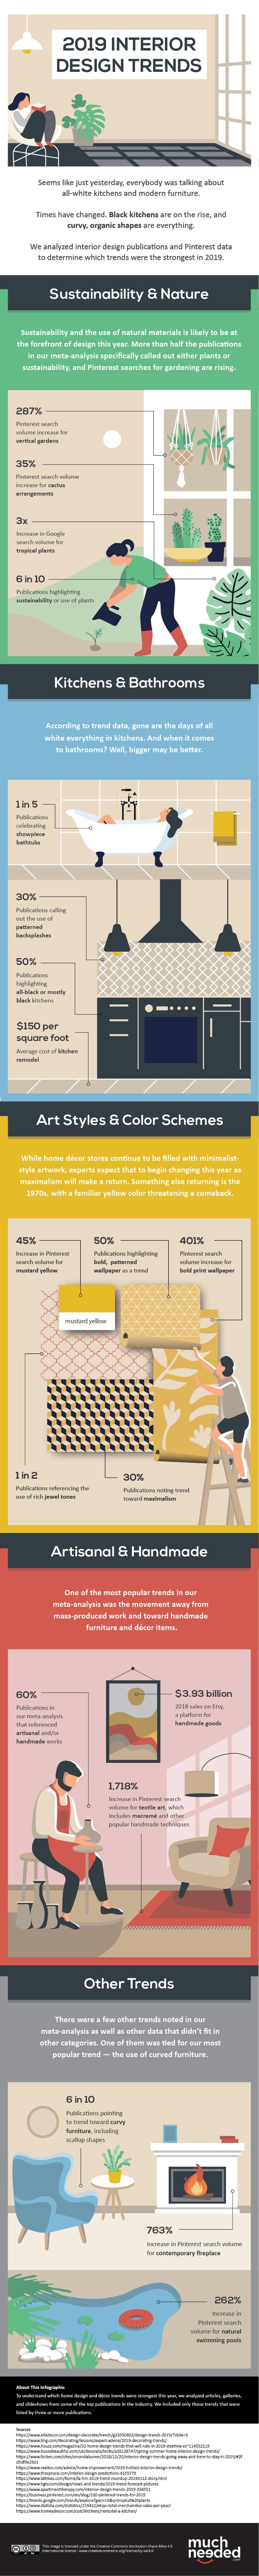 2019-Interior-Design-Trends-Infographic